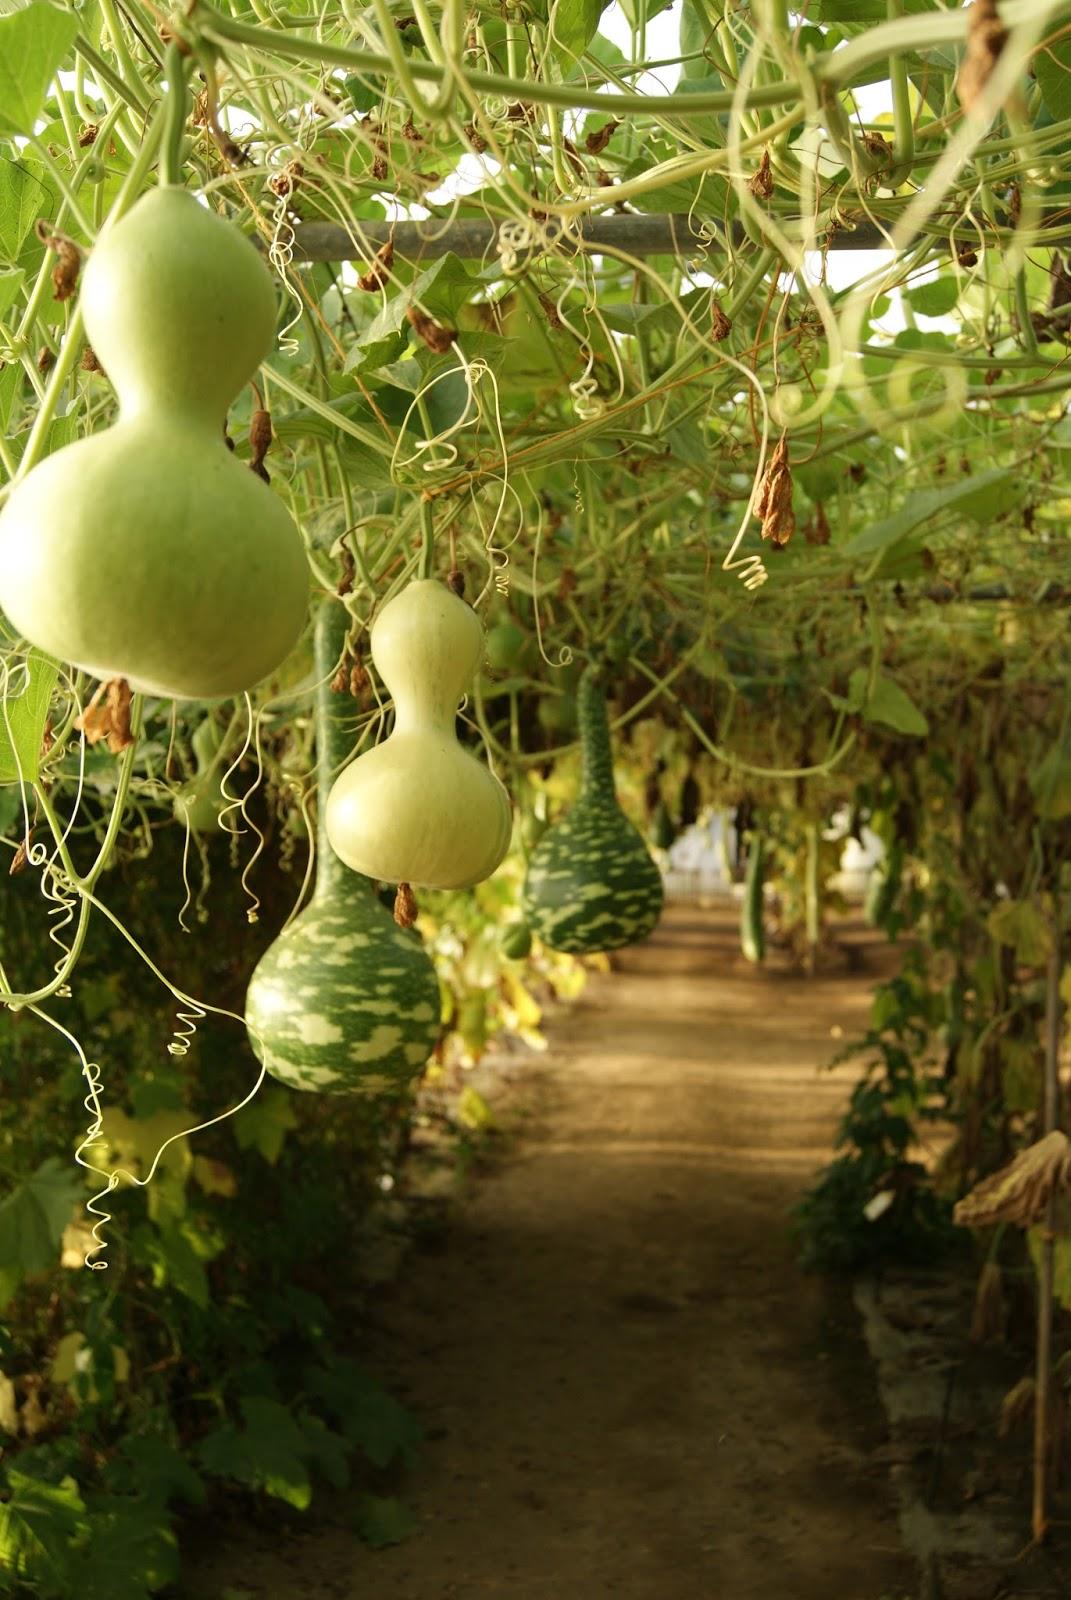 Breuillet nature le potager extraordinaire for Le jardin extraordinaire 09